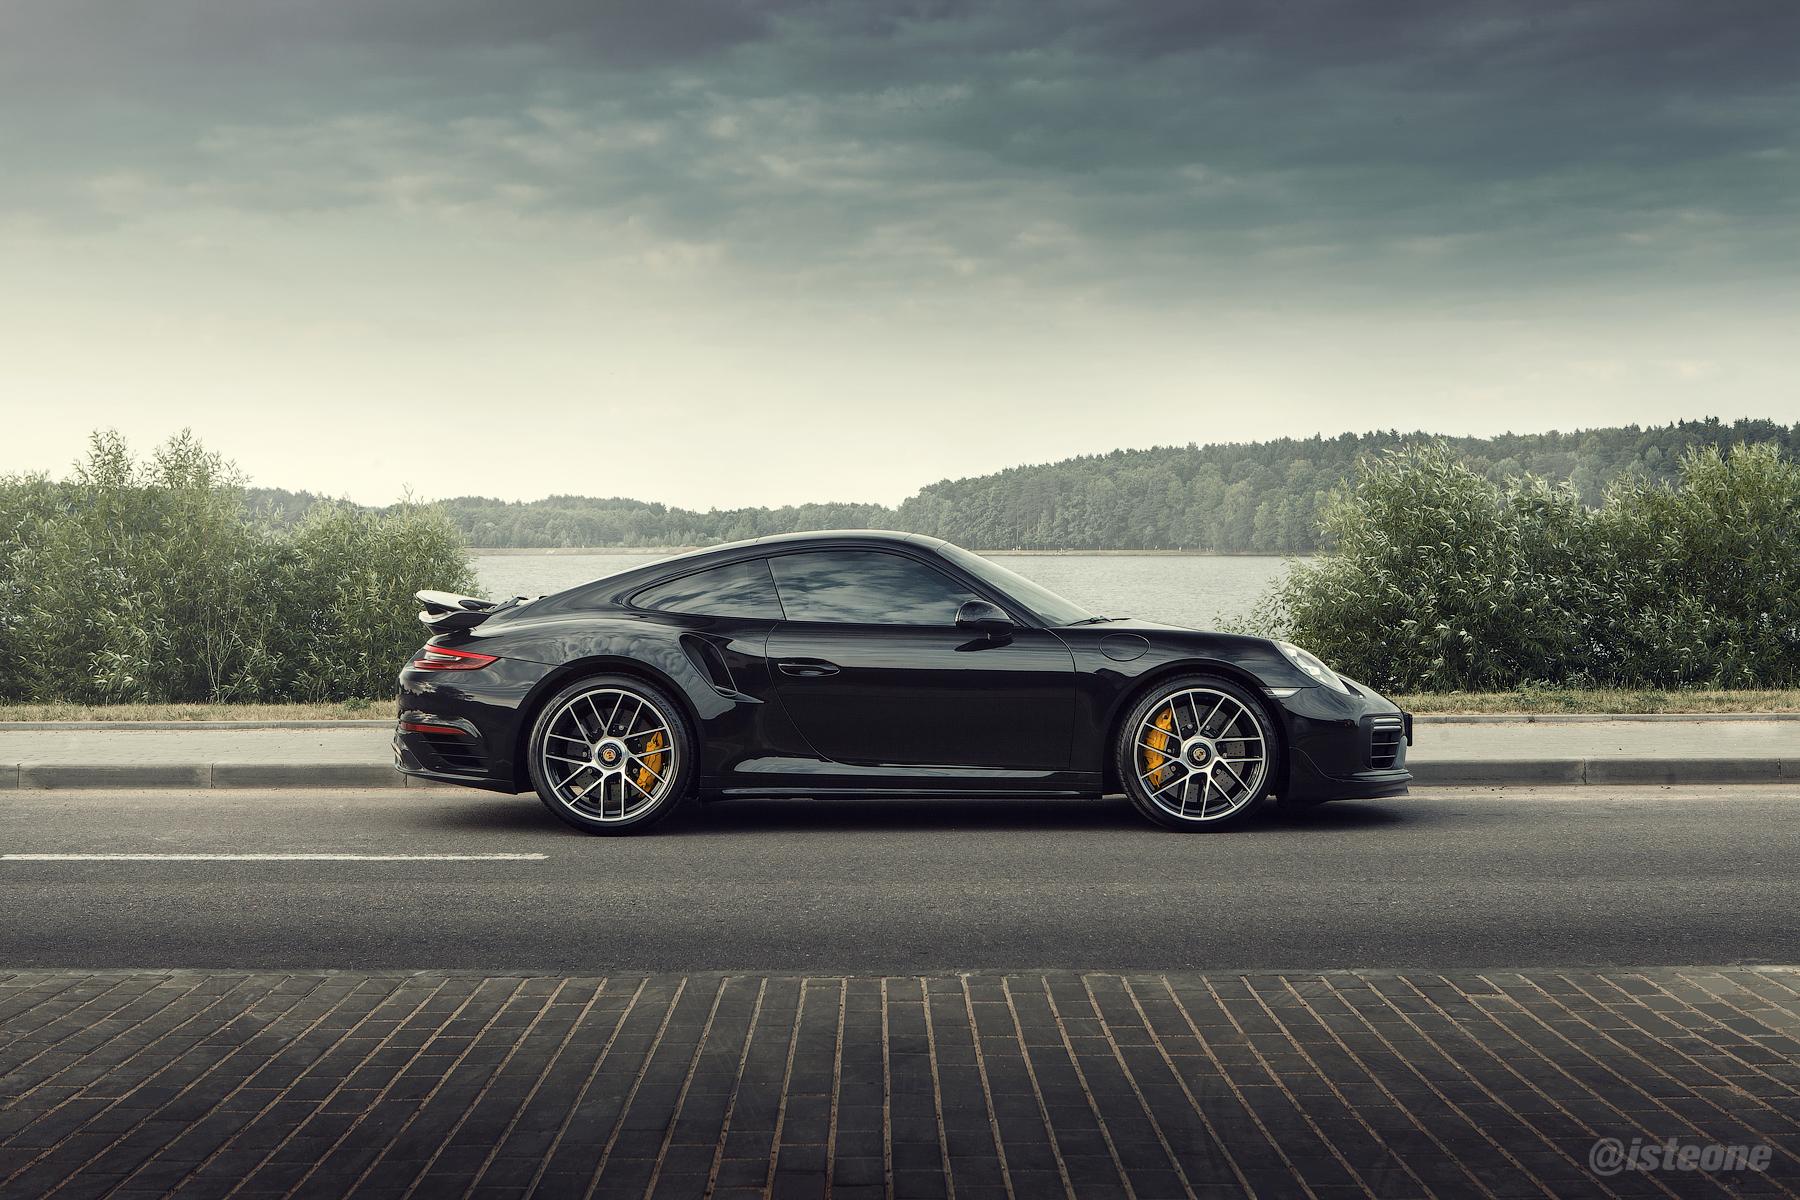 911 turbo s (03)